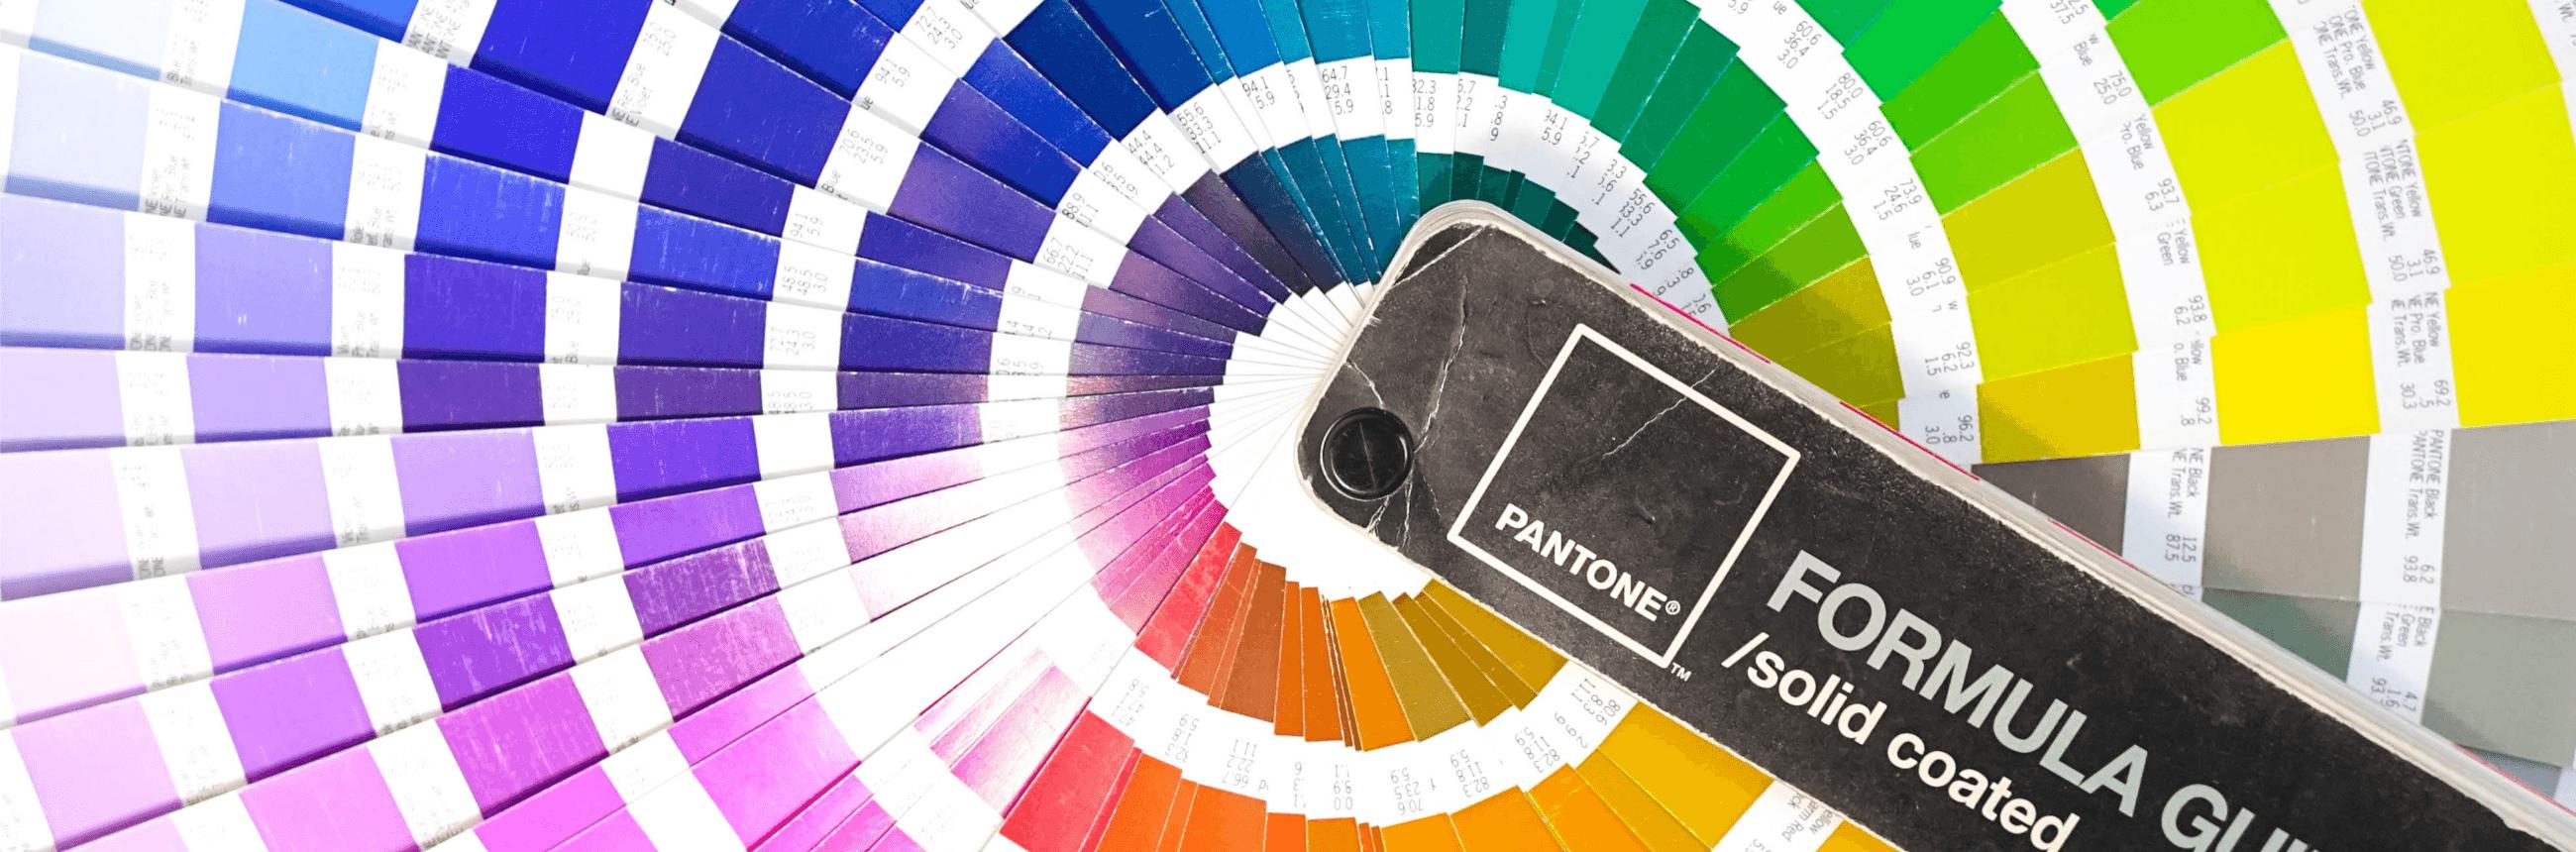 La différence entre les couleurs CMJN, RVB et Pantone PMS